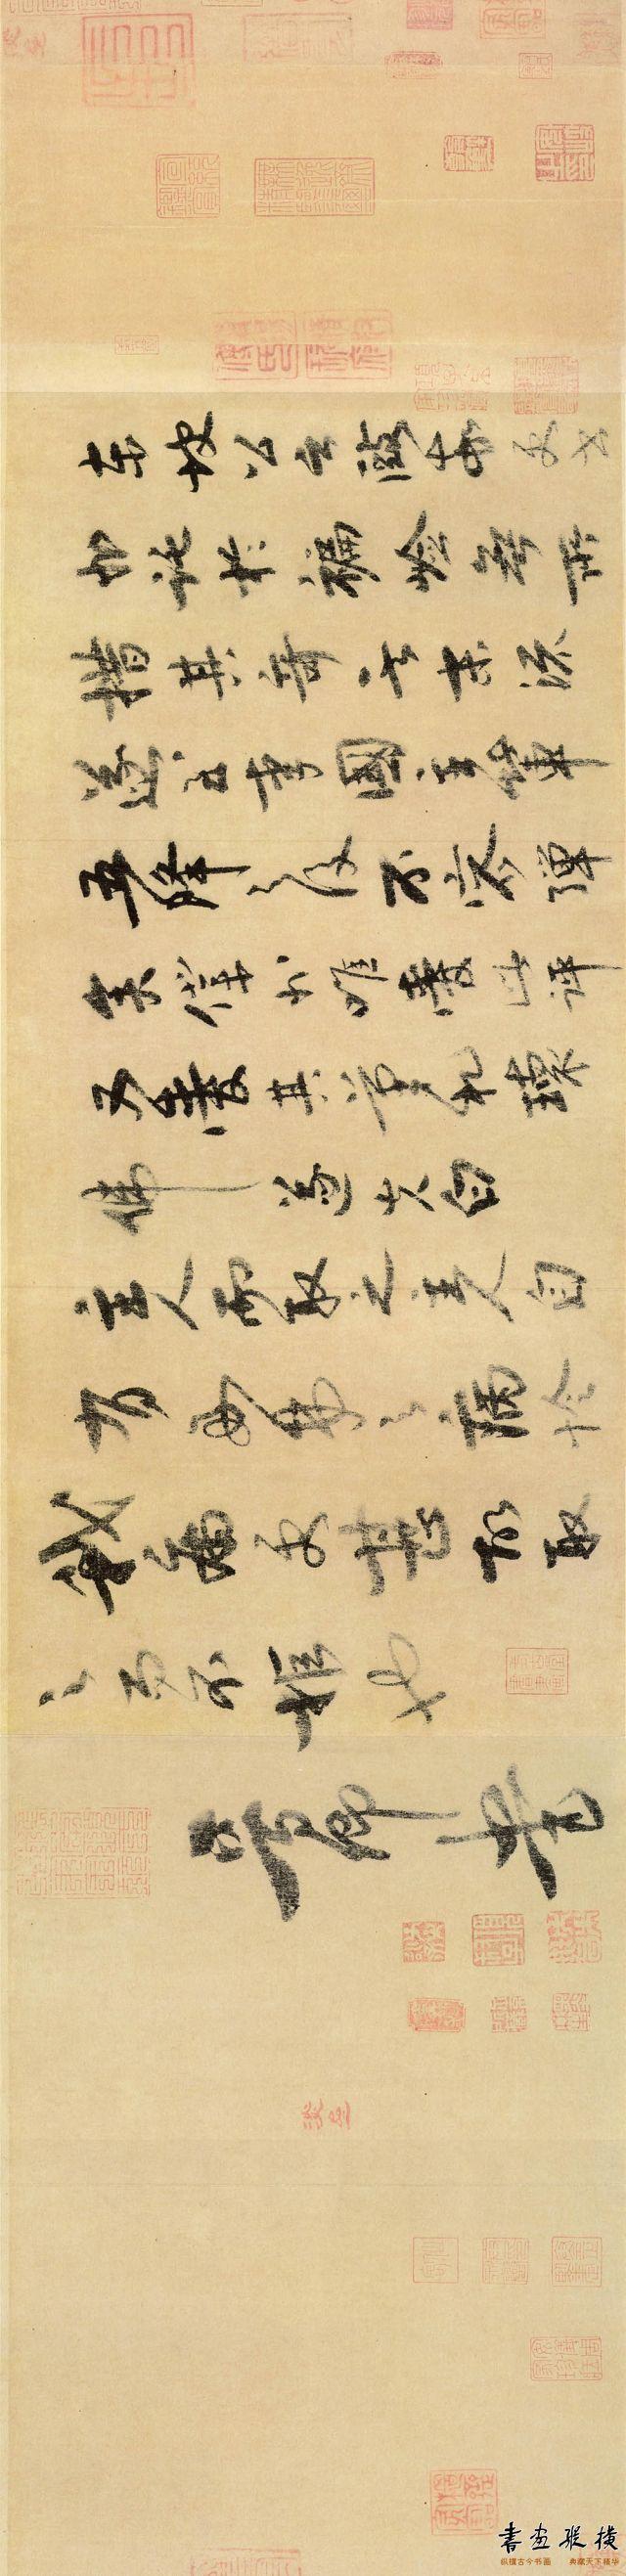 唐 欧阳询 行书千字文(4)